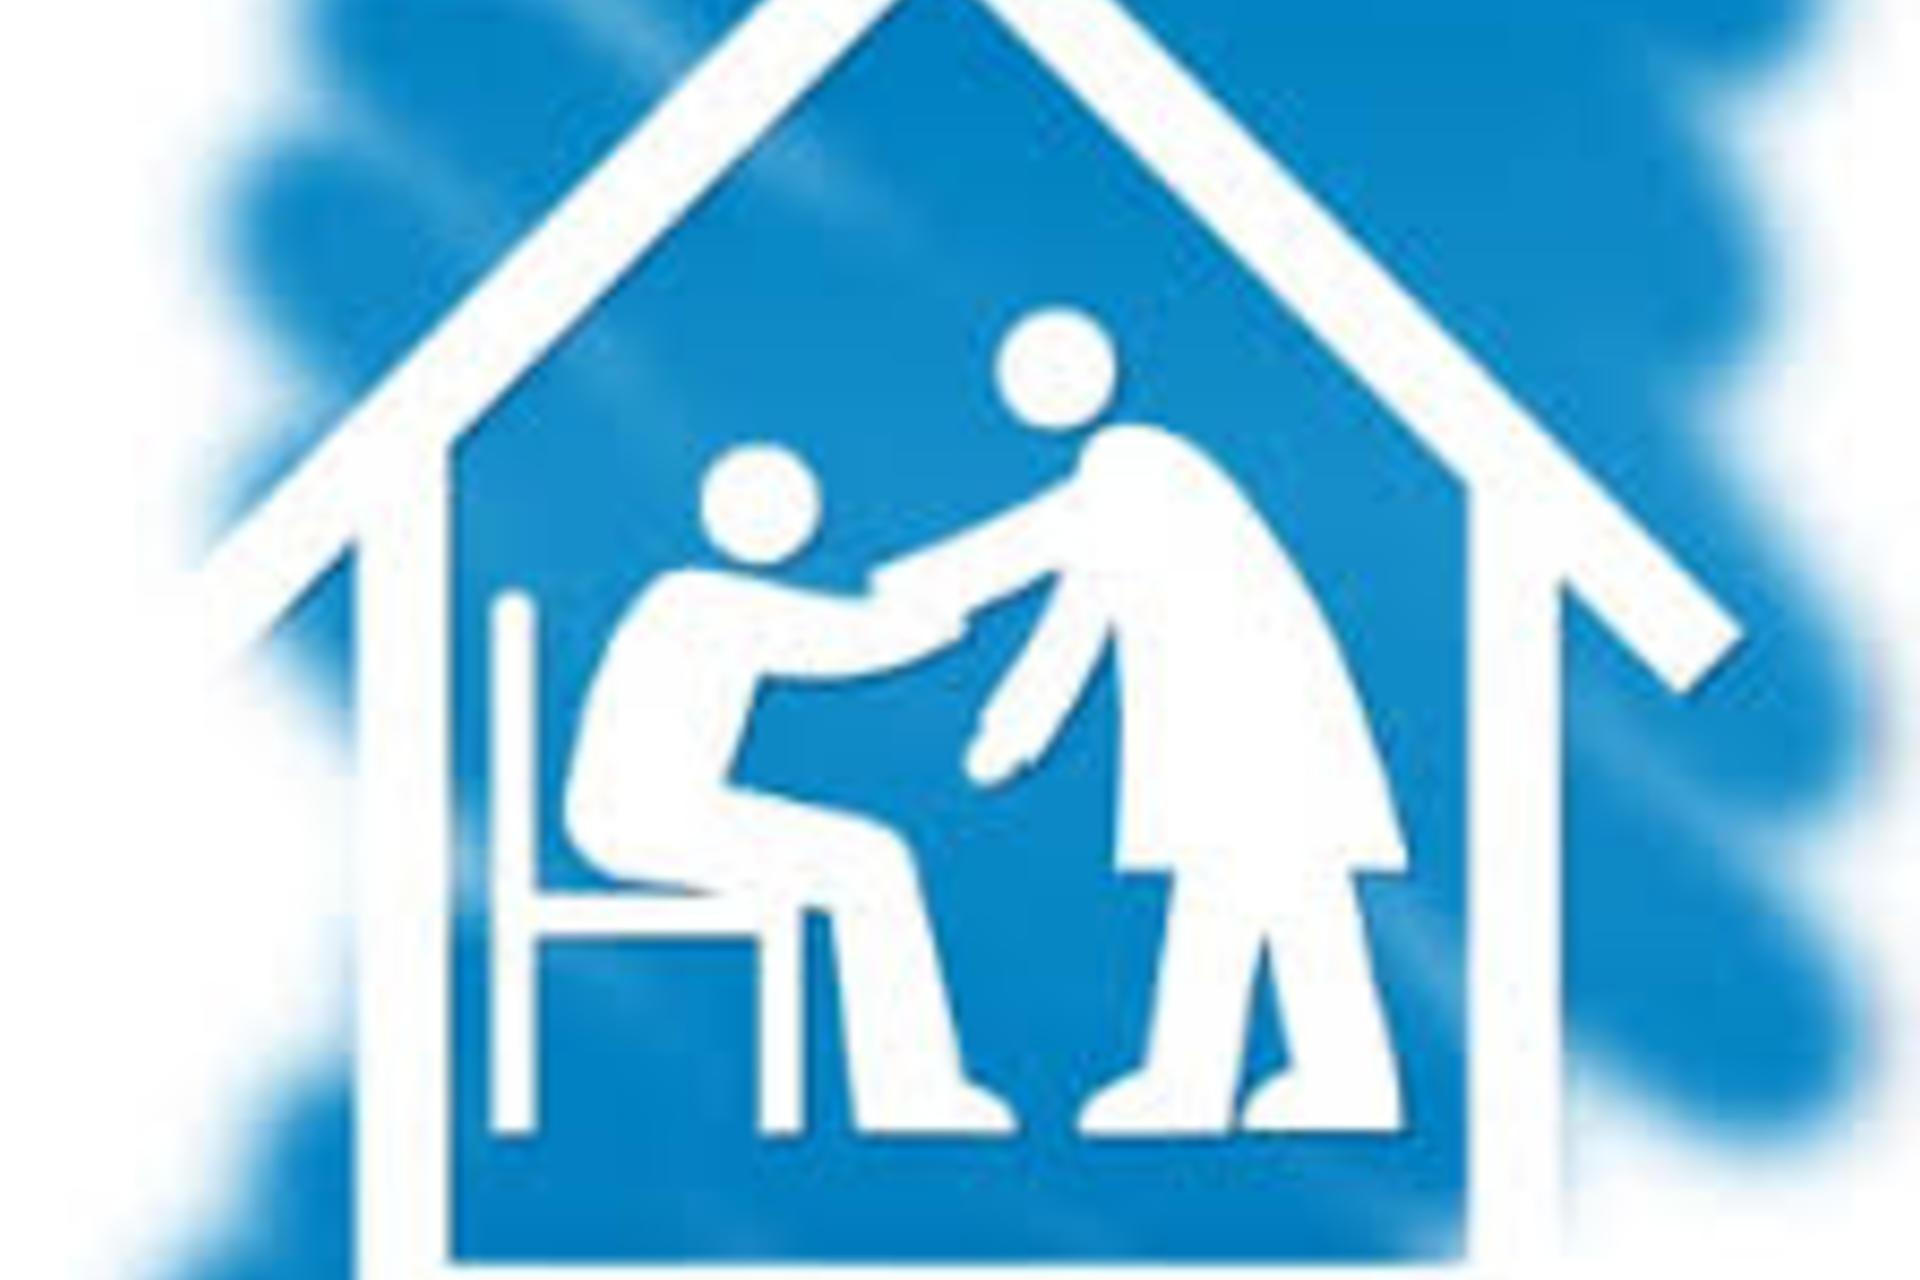 PLUS - Procedura accreditamento per i servizi di assistenza domiciliare e servizio pasti a domicilio